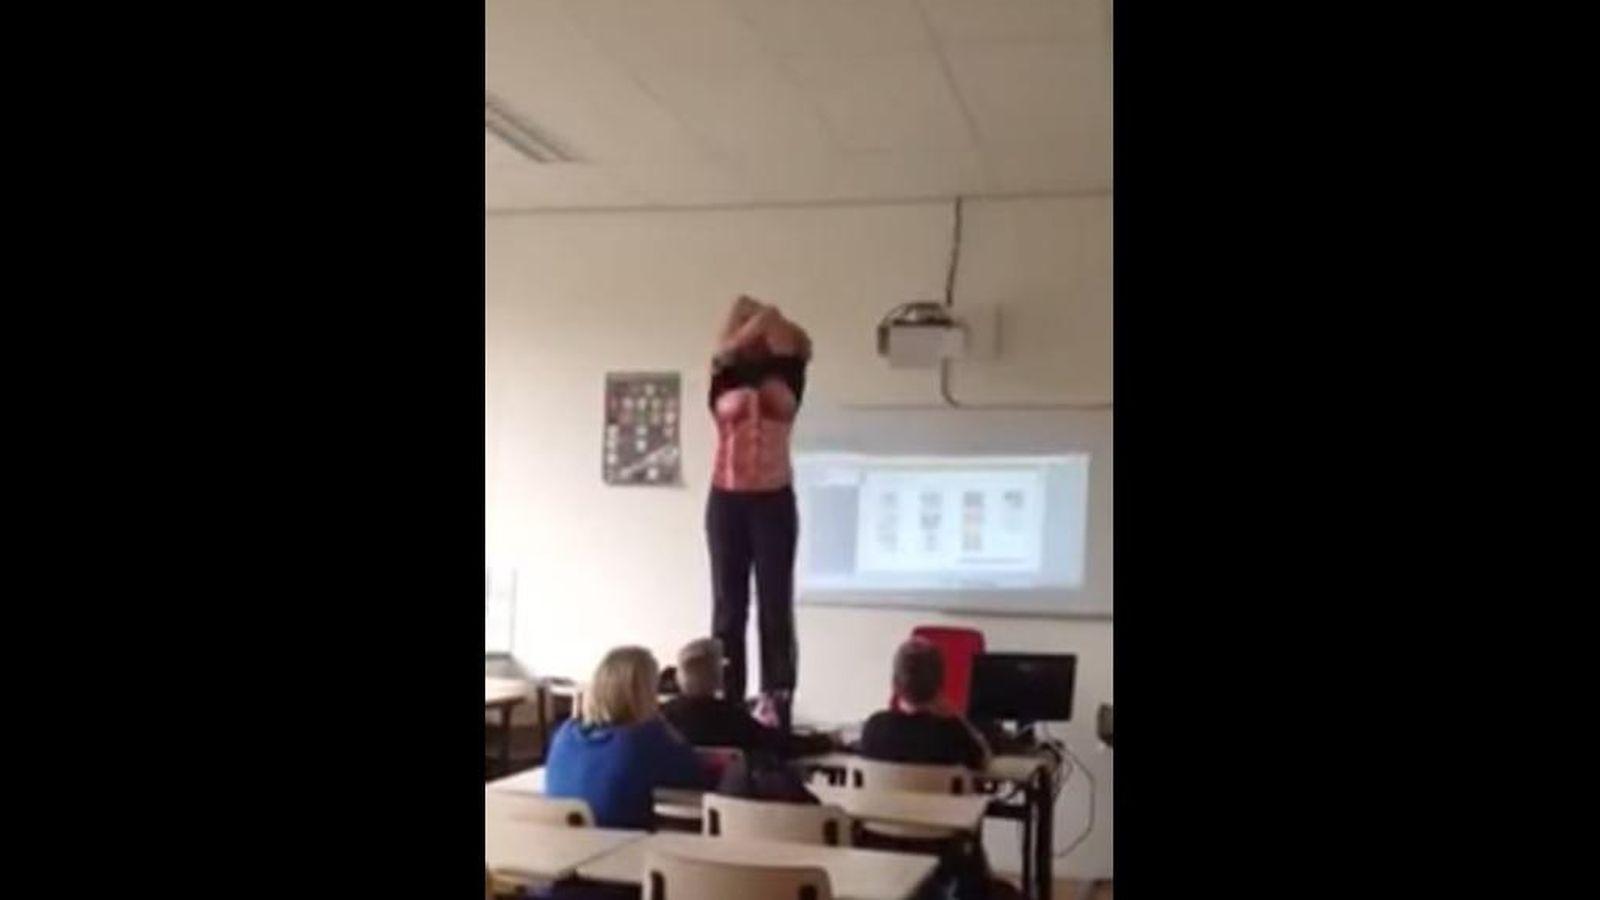 Adolescentes Follando Videos Porno vídeo: una profesora se desnuda ante sus alumnos para